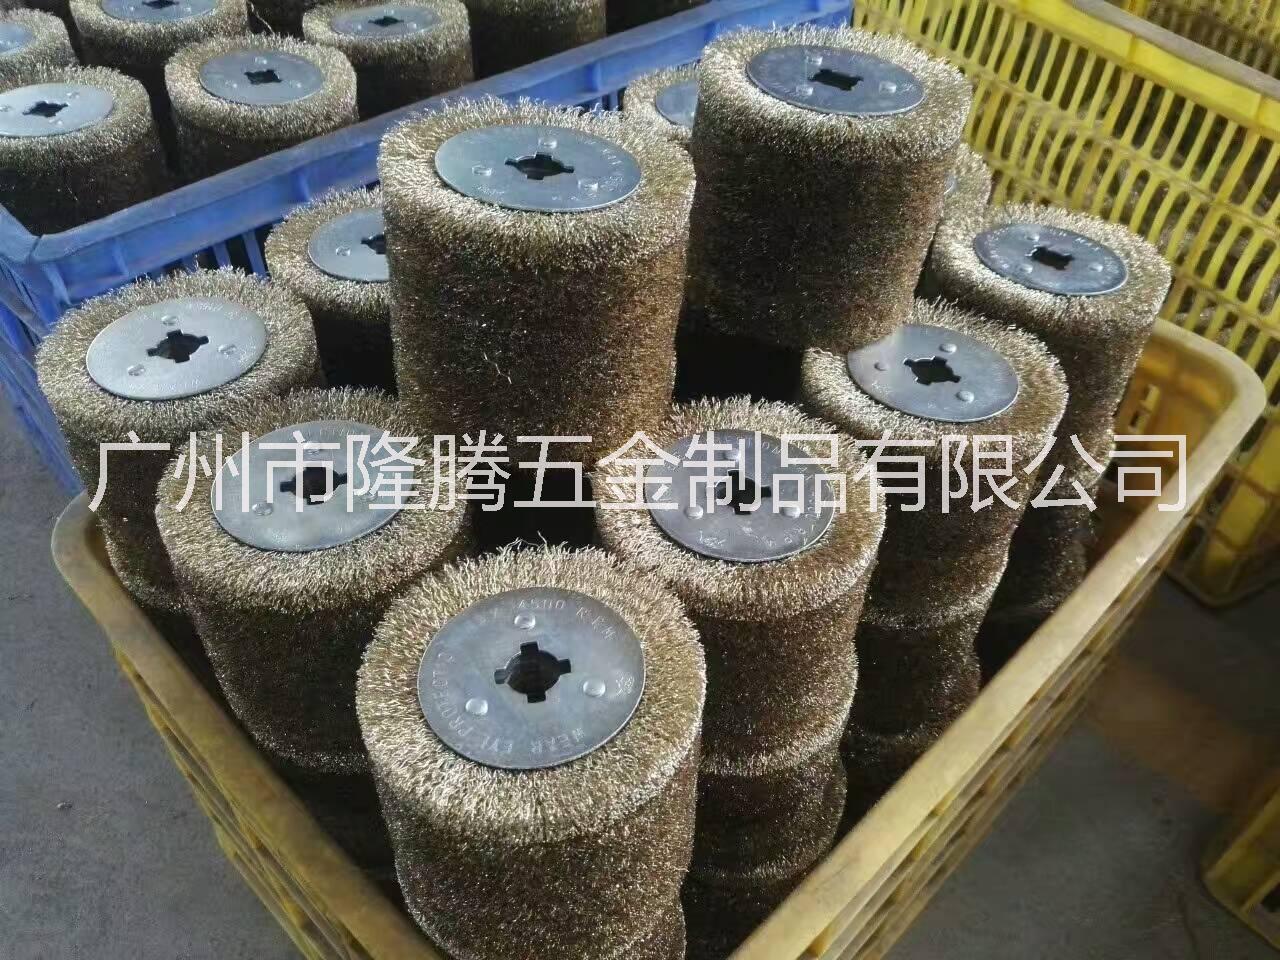 供应钢丝轮/不锈钢丝轮/剥漆钢丝轮